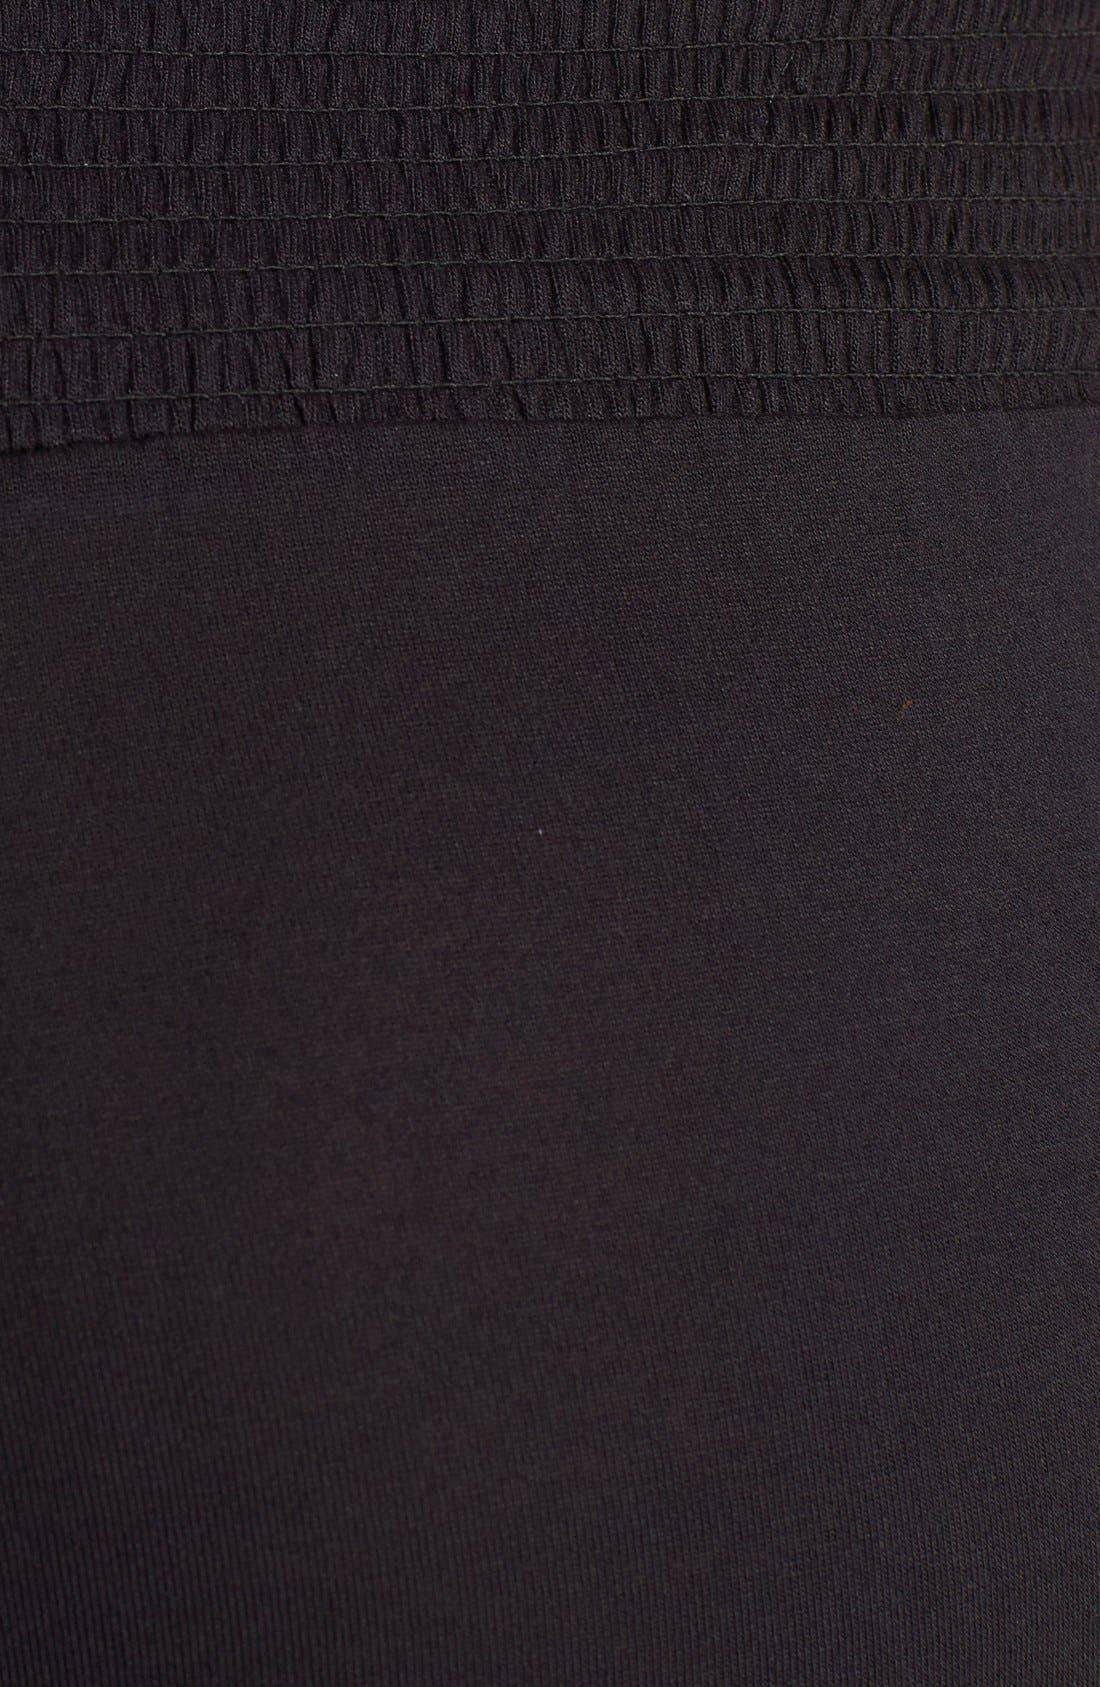 Lace Trim Maternity Lounge Pants,                             Alternate thumbnail 3, color,                             001